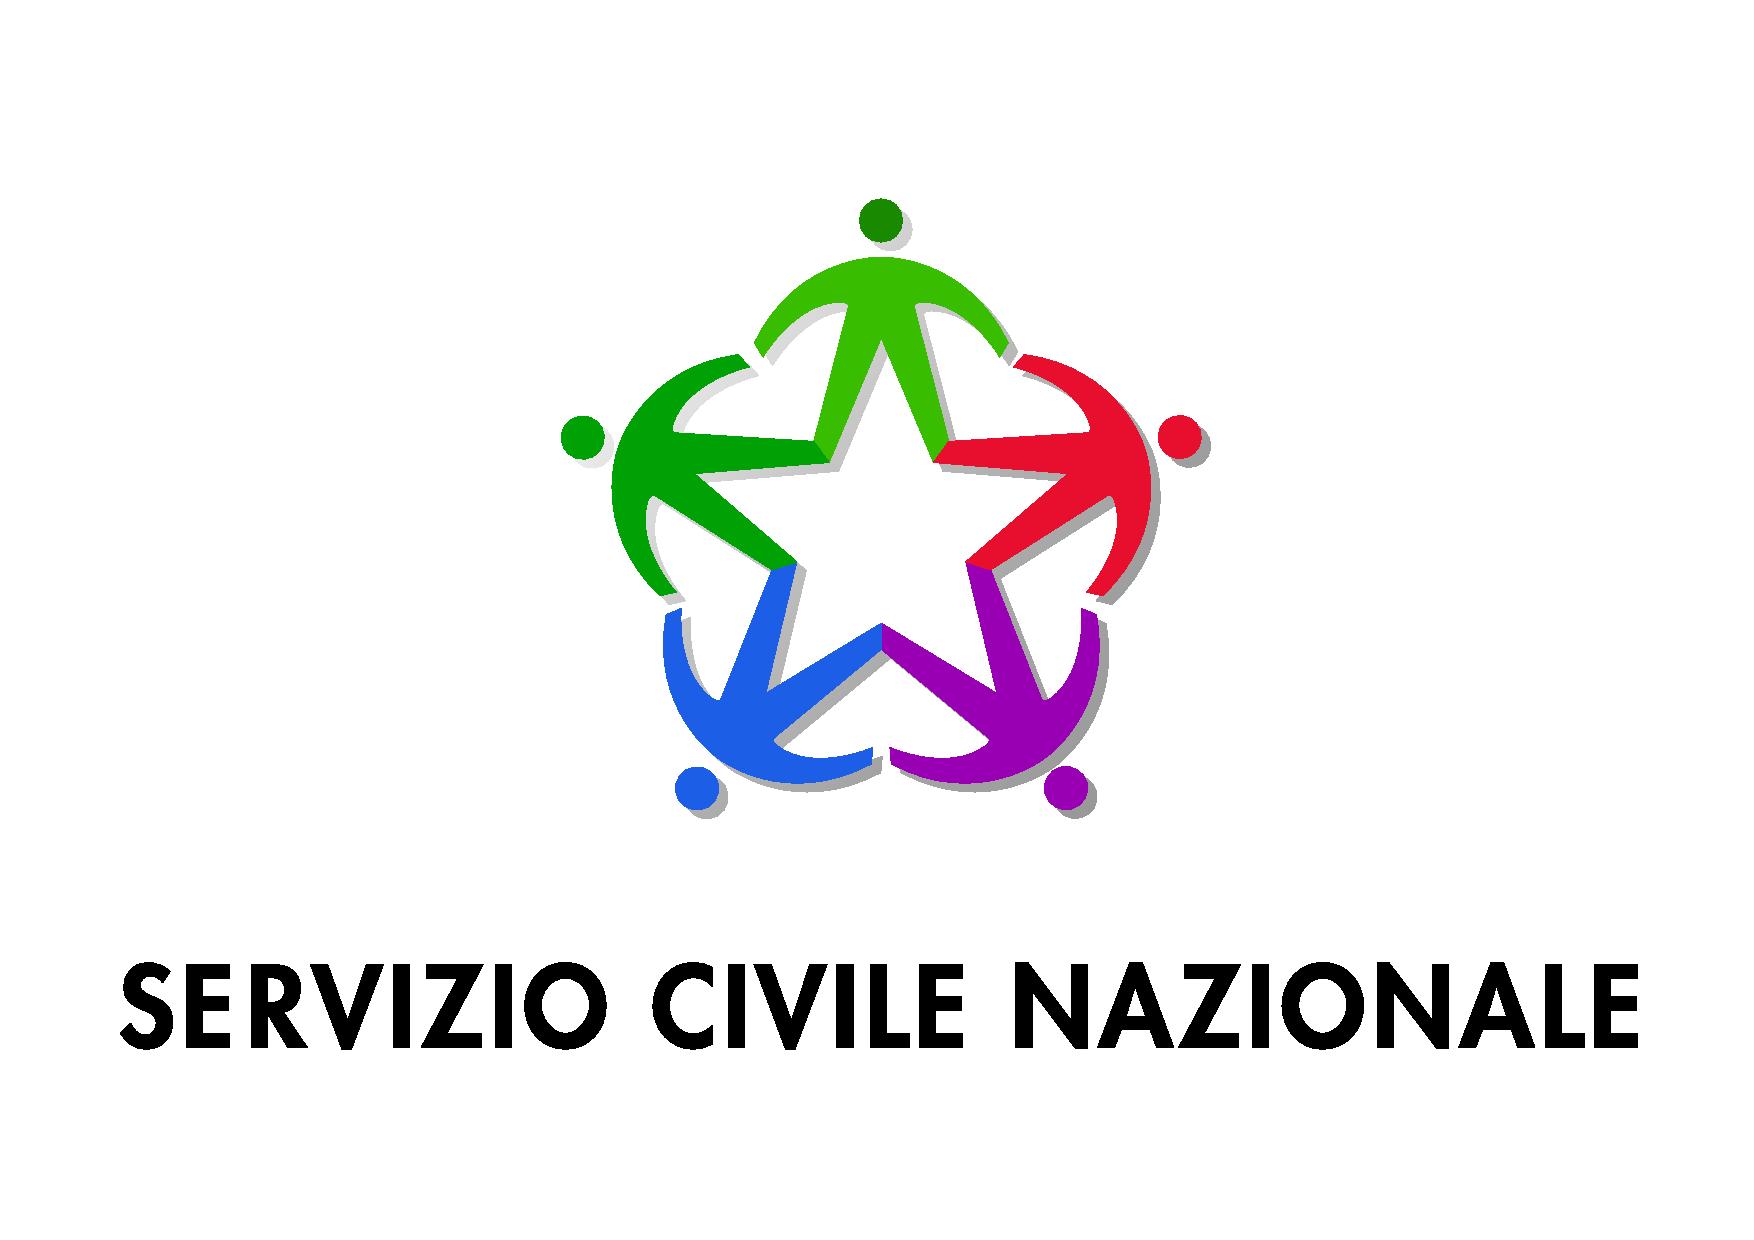 Servizio Civile – Pro Loco Casalmaggiore (Progetto Il Nostro Passato: Luoghi, Storia, Arte e Personaggi)